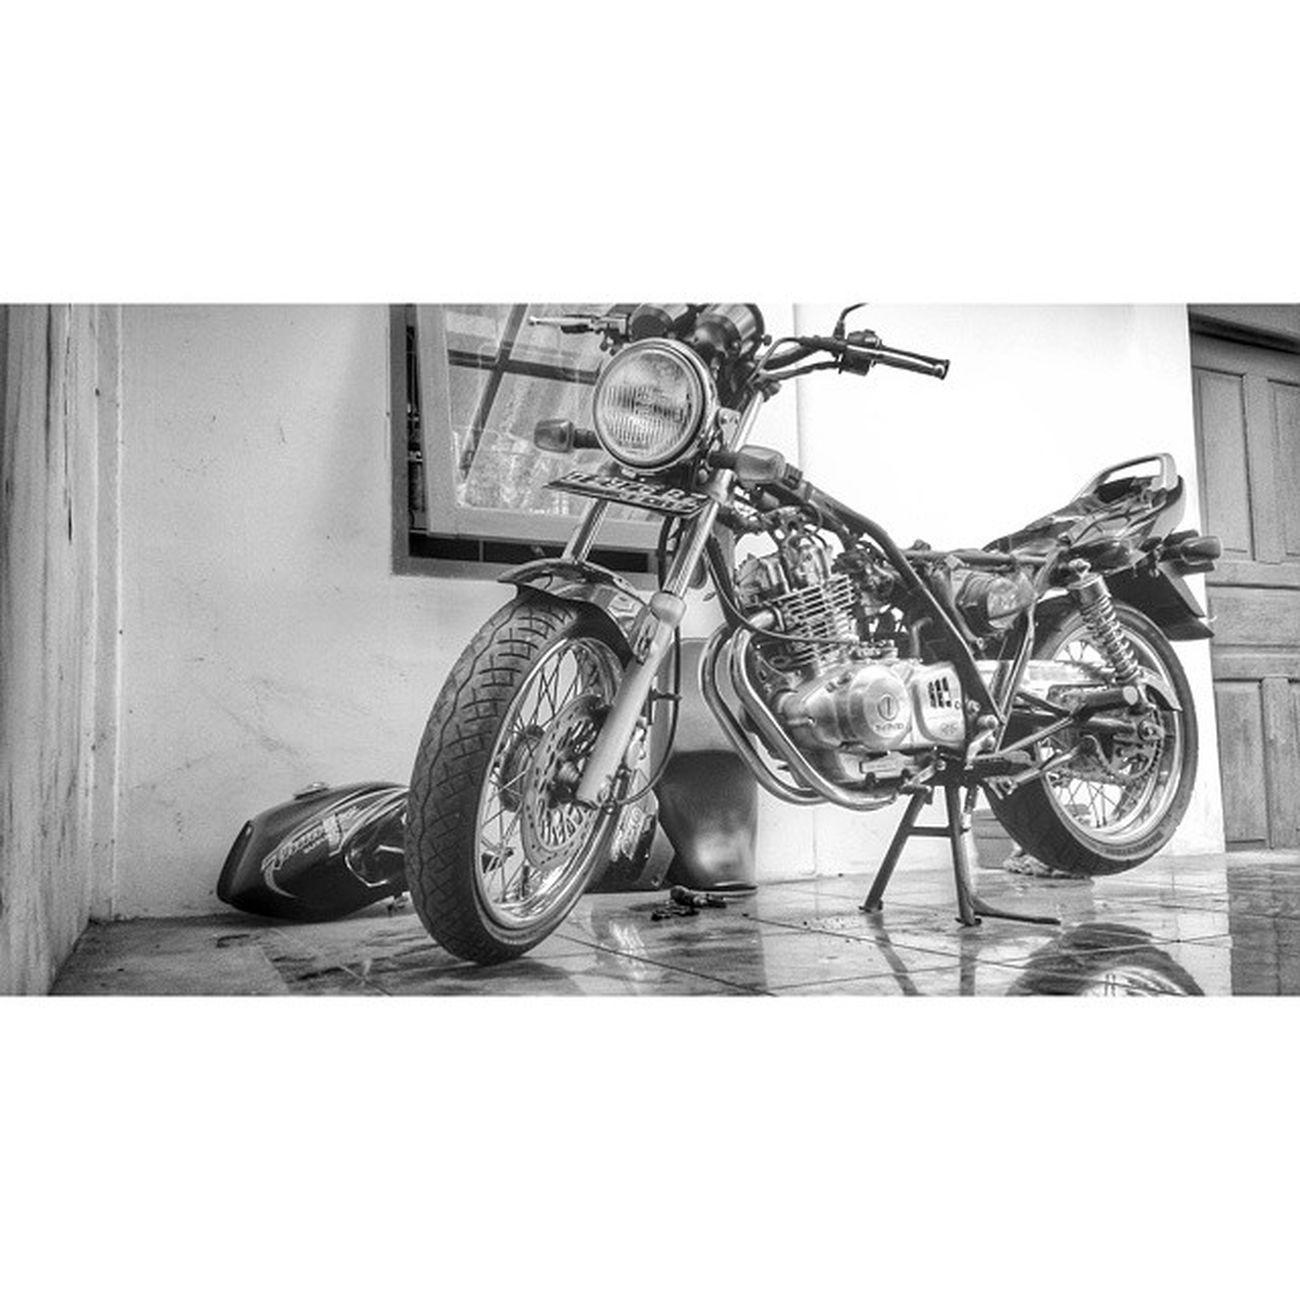 Gsx250 Thunder250 Bike